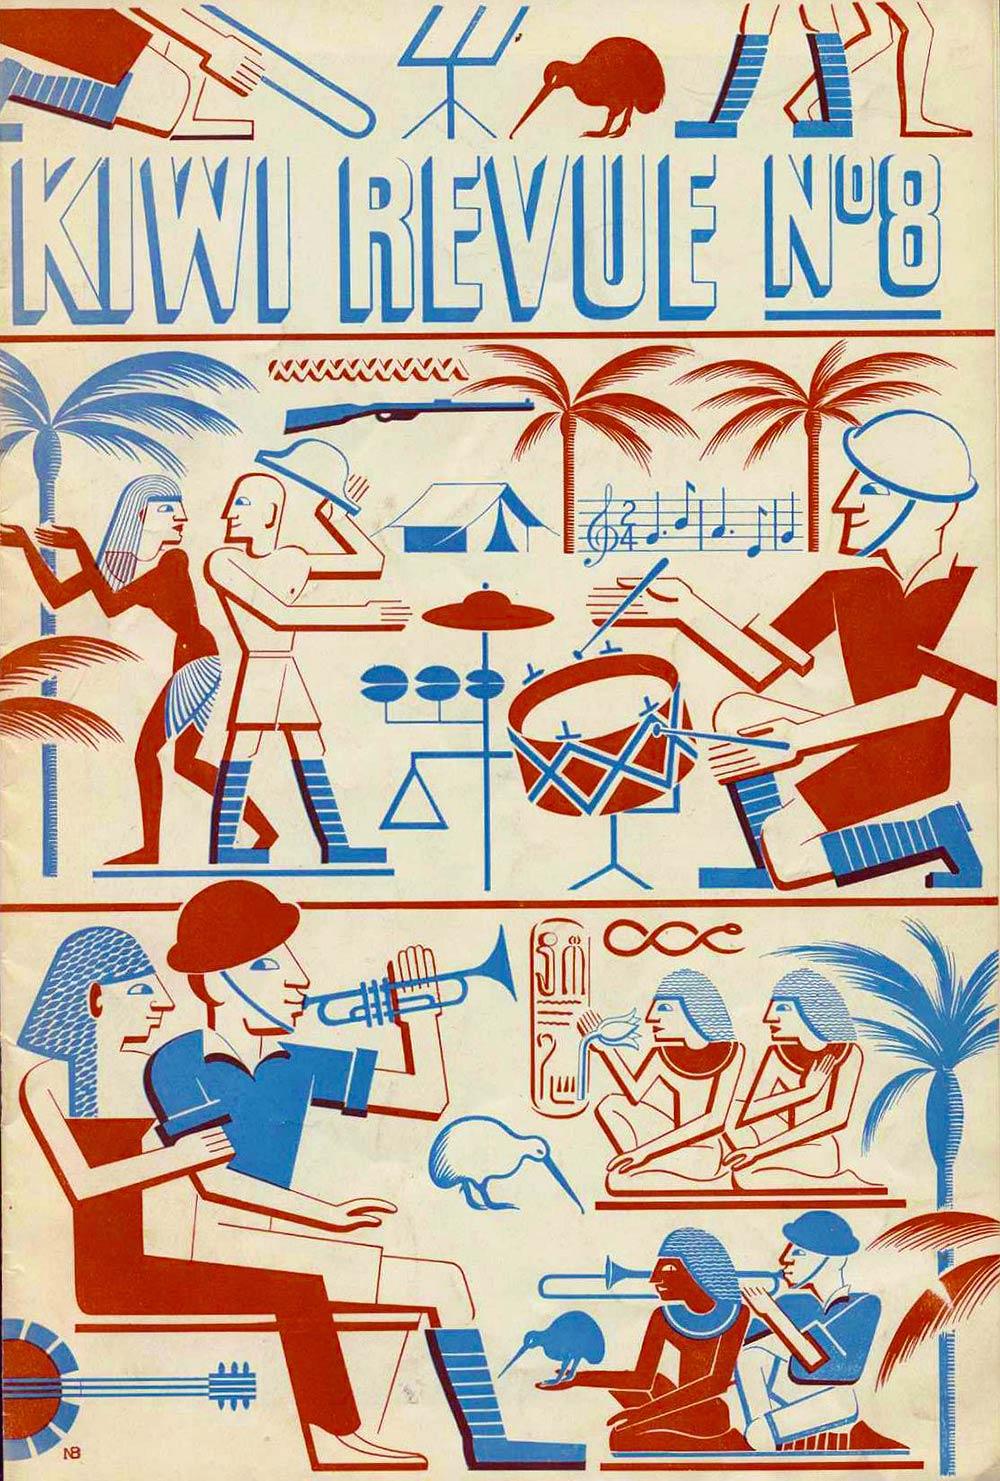 <em>Kiwi revue no. 8</em>. (The Kiwi Concert Party, New Zealand Entertainment Unit, 2nd N.Z.E.F.). New Zealand tour, 1943.